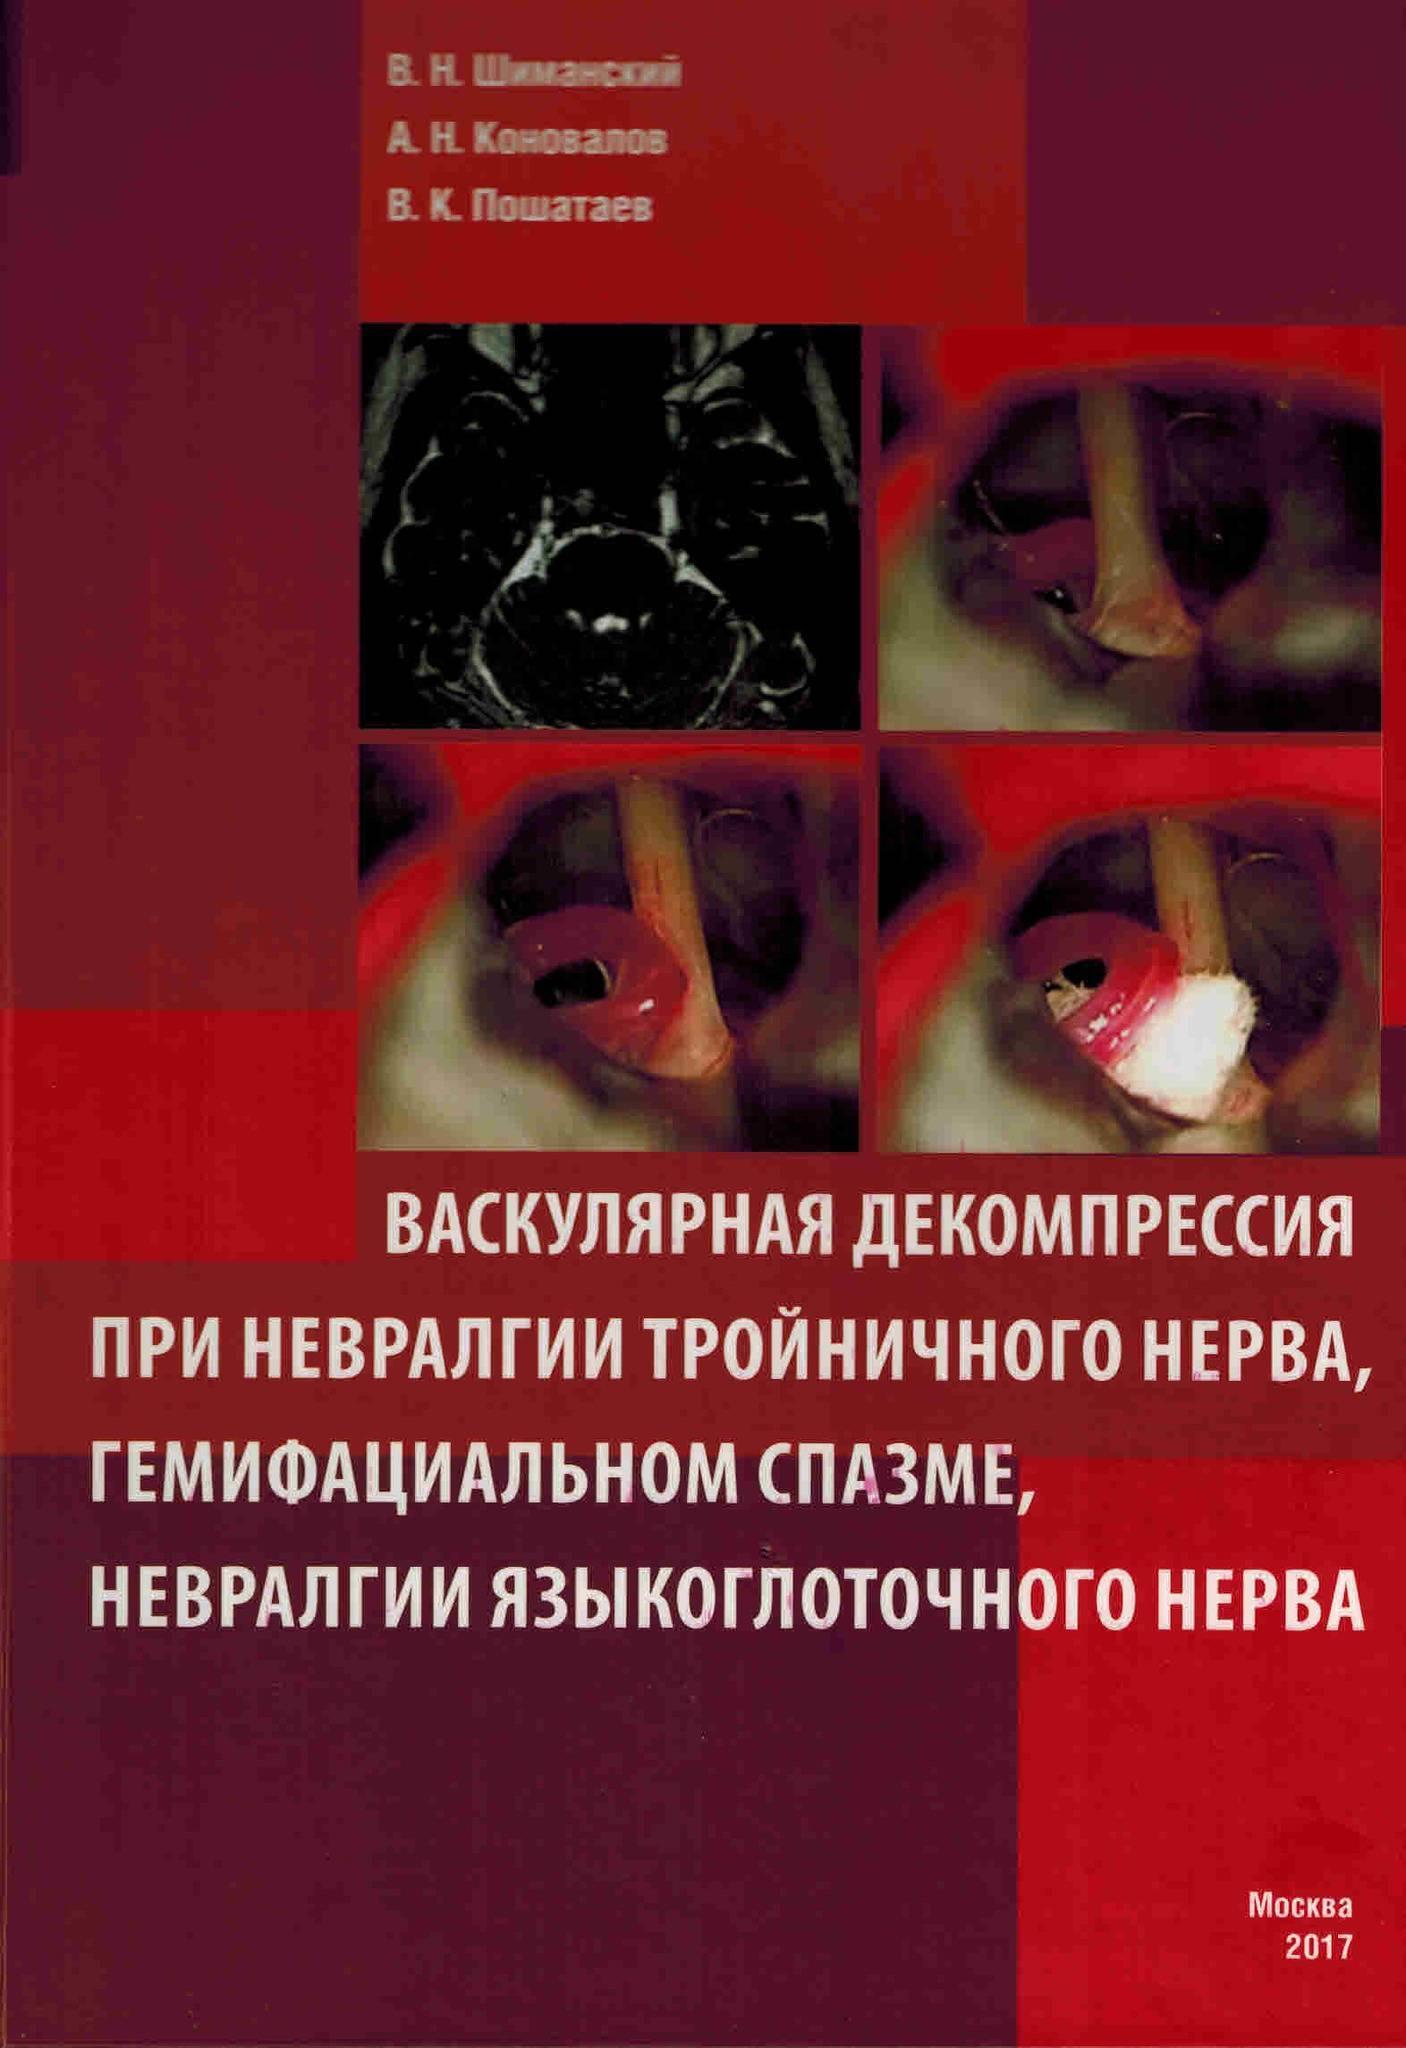 Невралгия языкоглоточного нерва: причины, симптомы воспаления и лечение